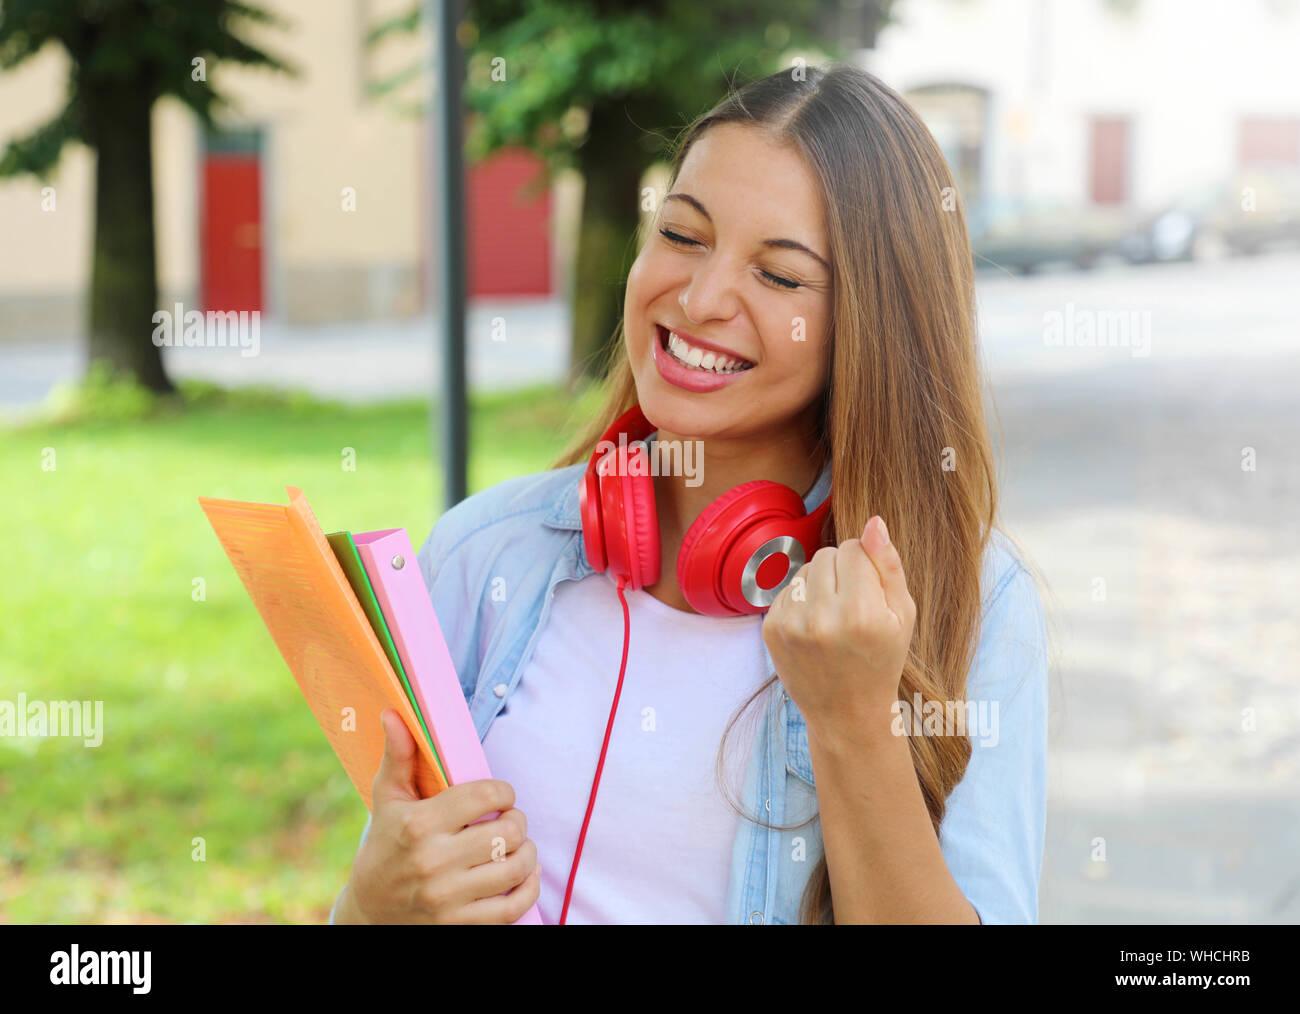 Ritratto di entusiasti ridere ragazza adolescente con braccio di sollevamento celebrando all'esterno. Foto Stock